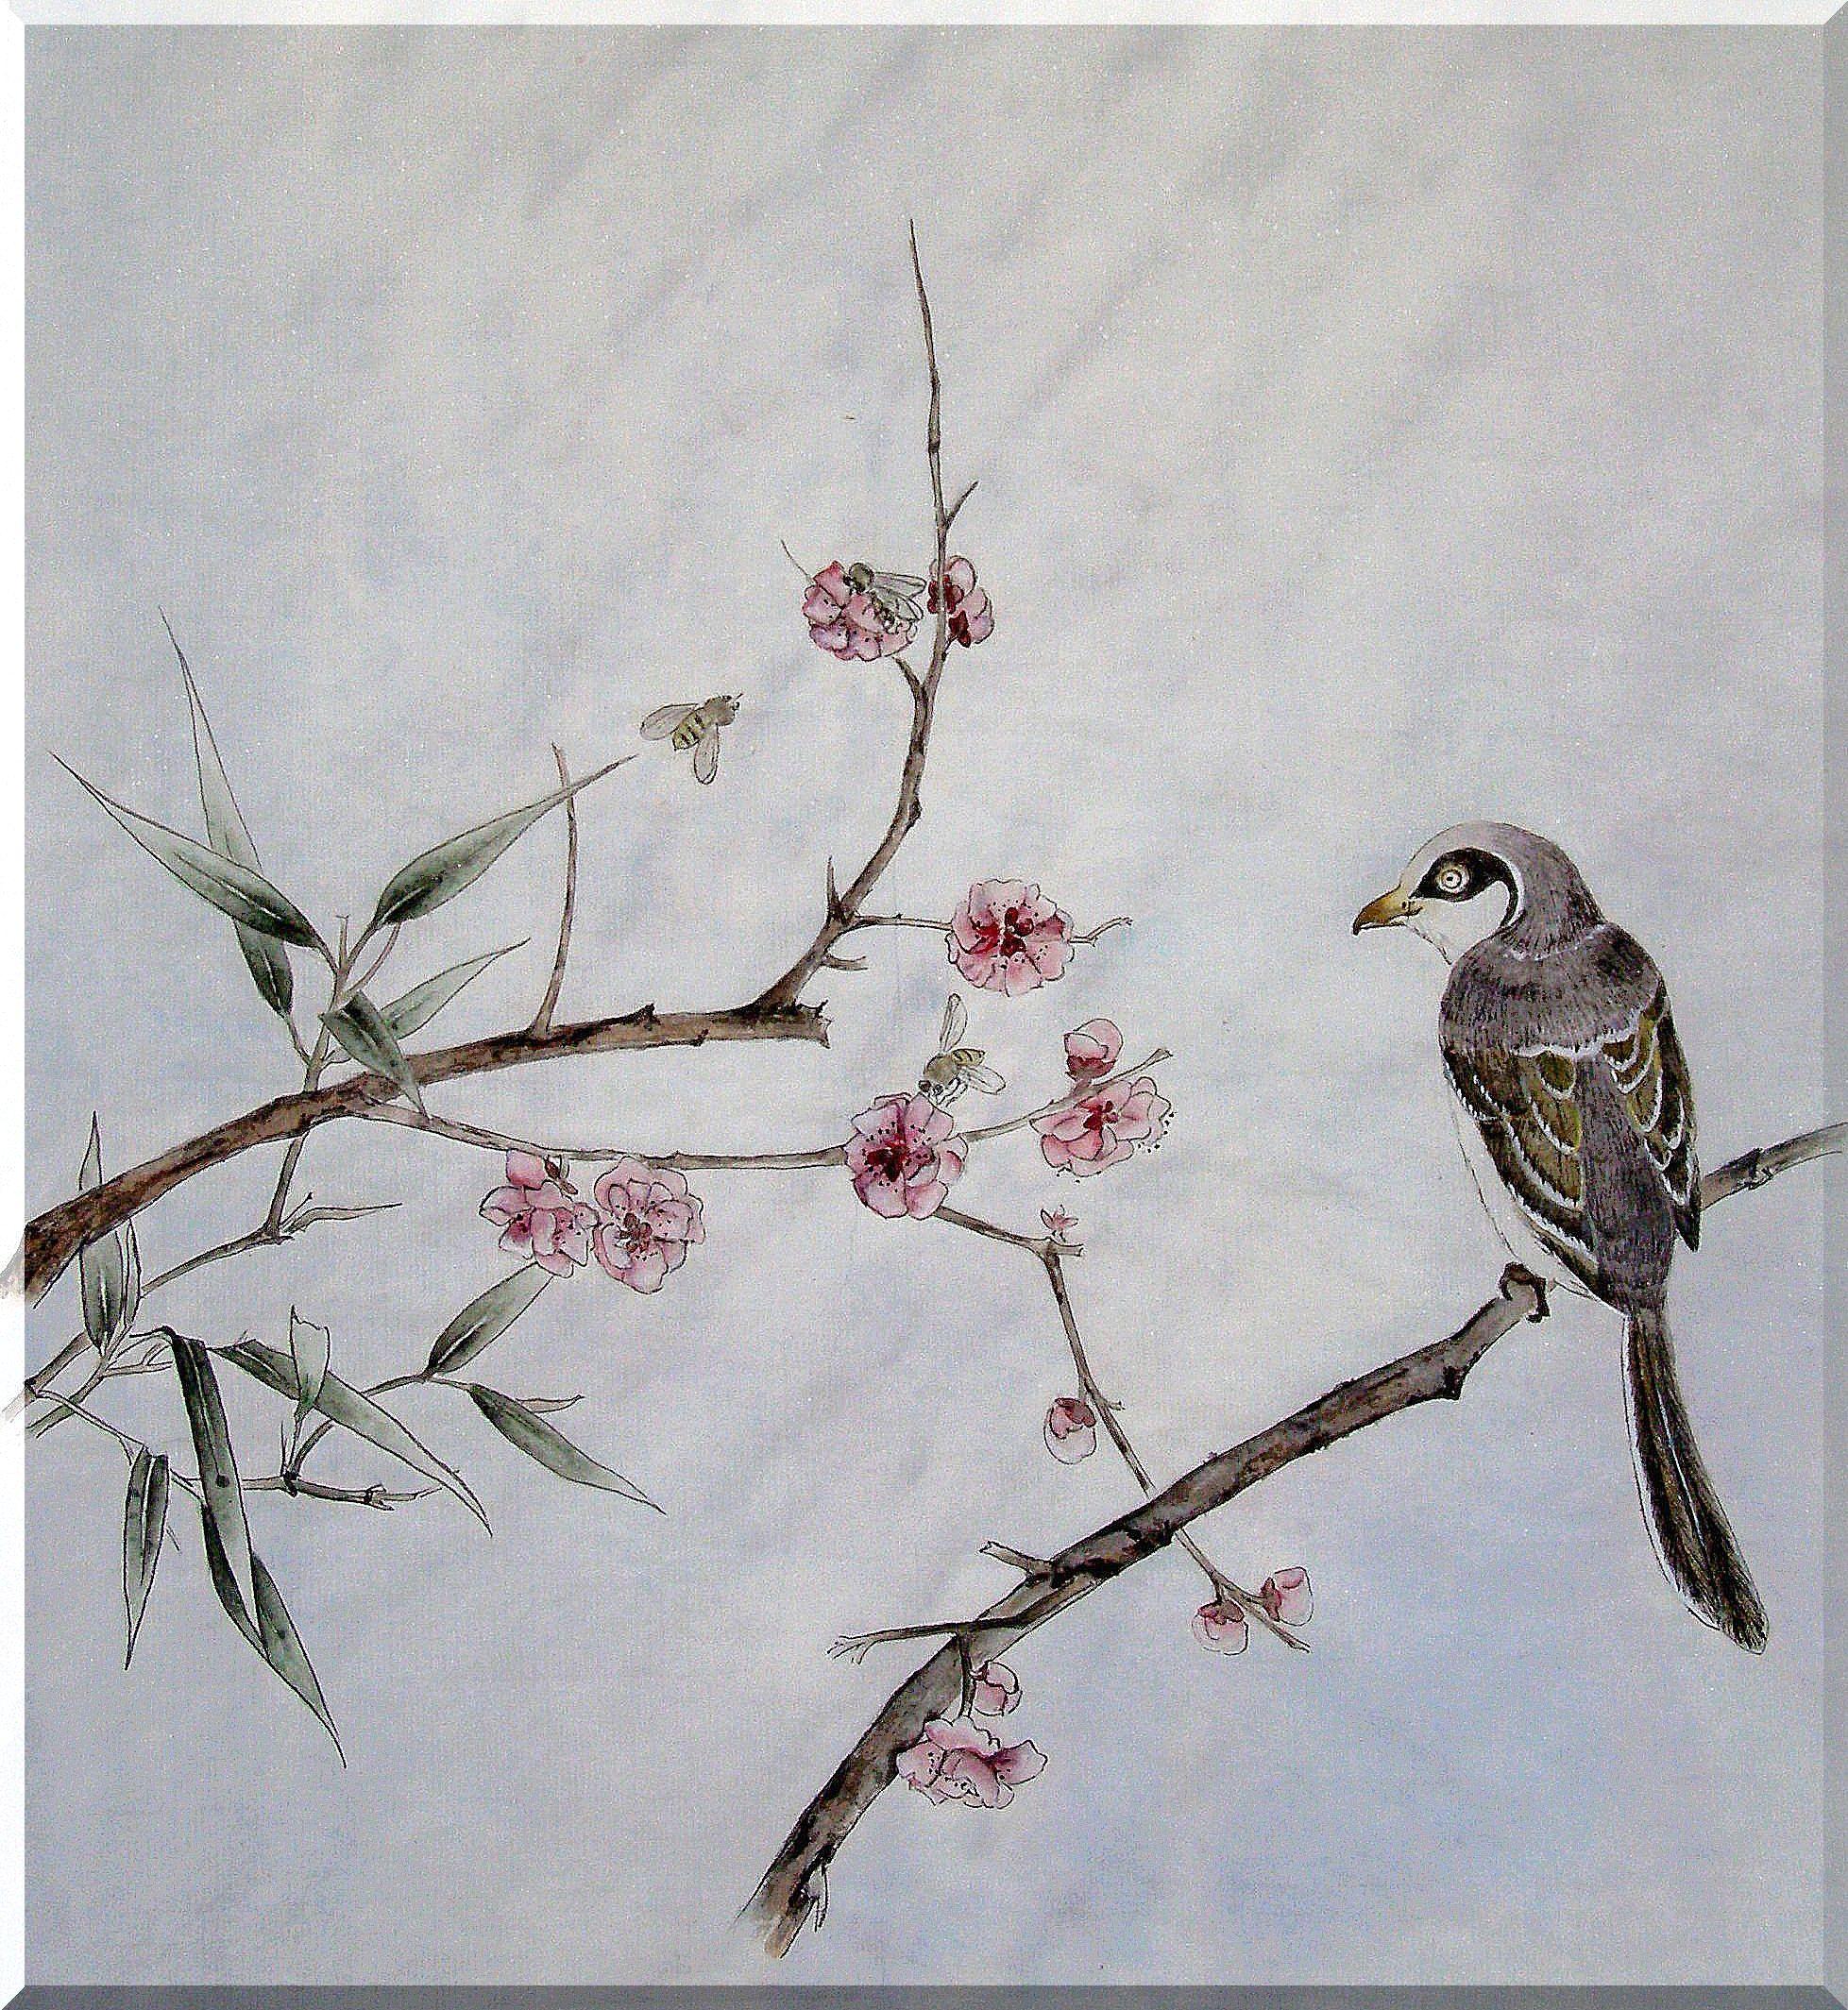 птица и слива - гун би